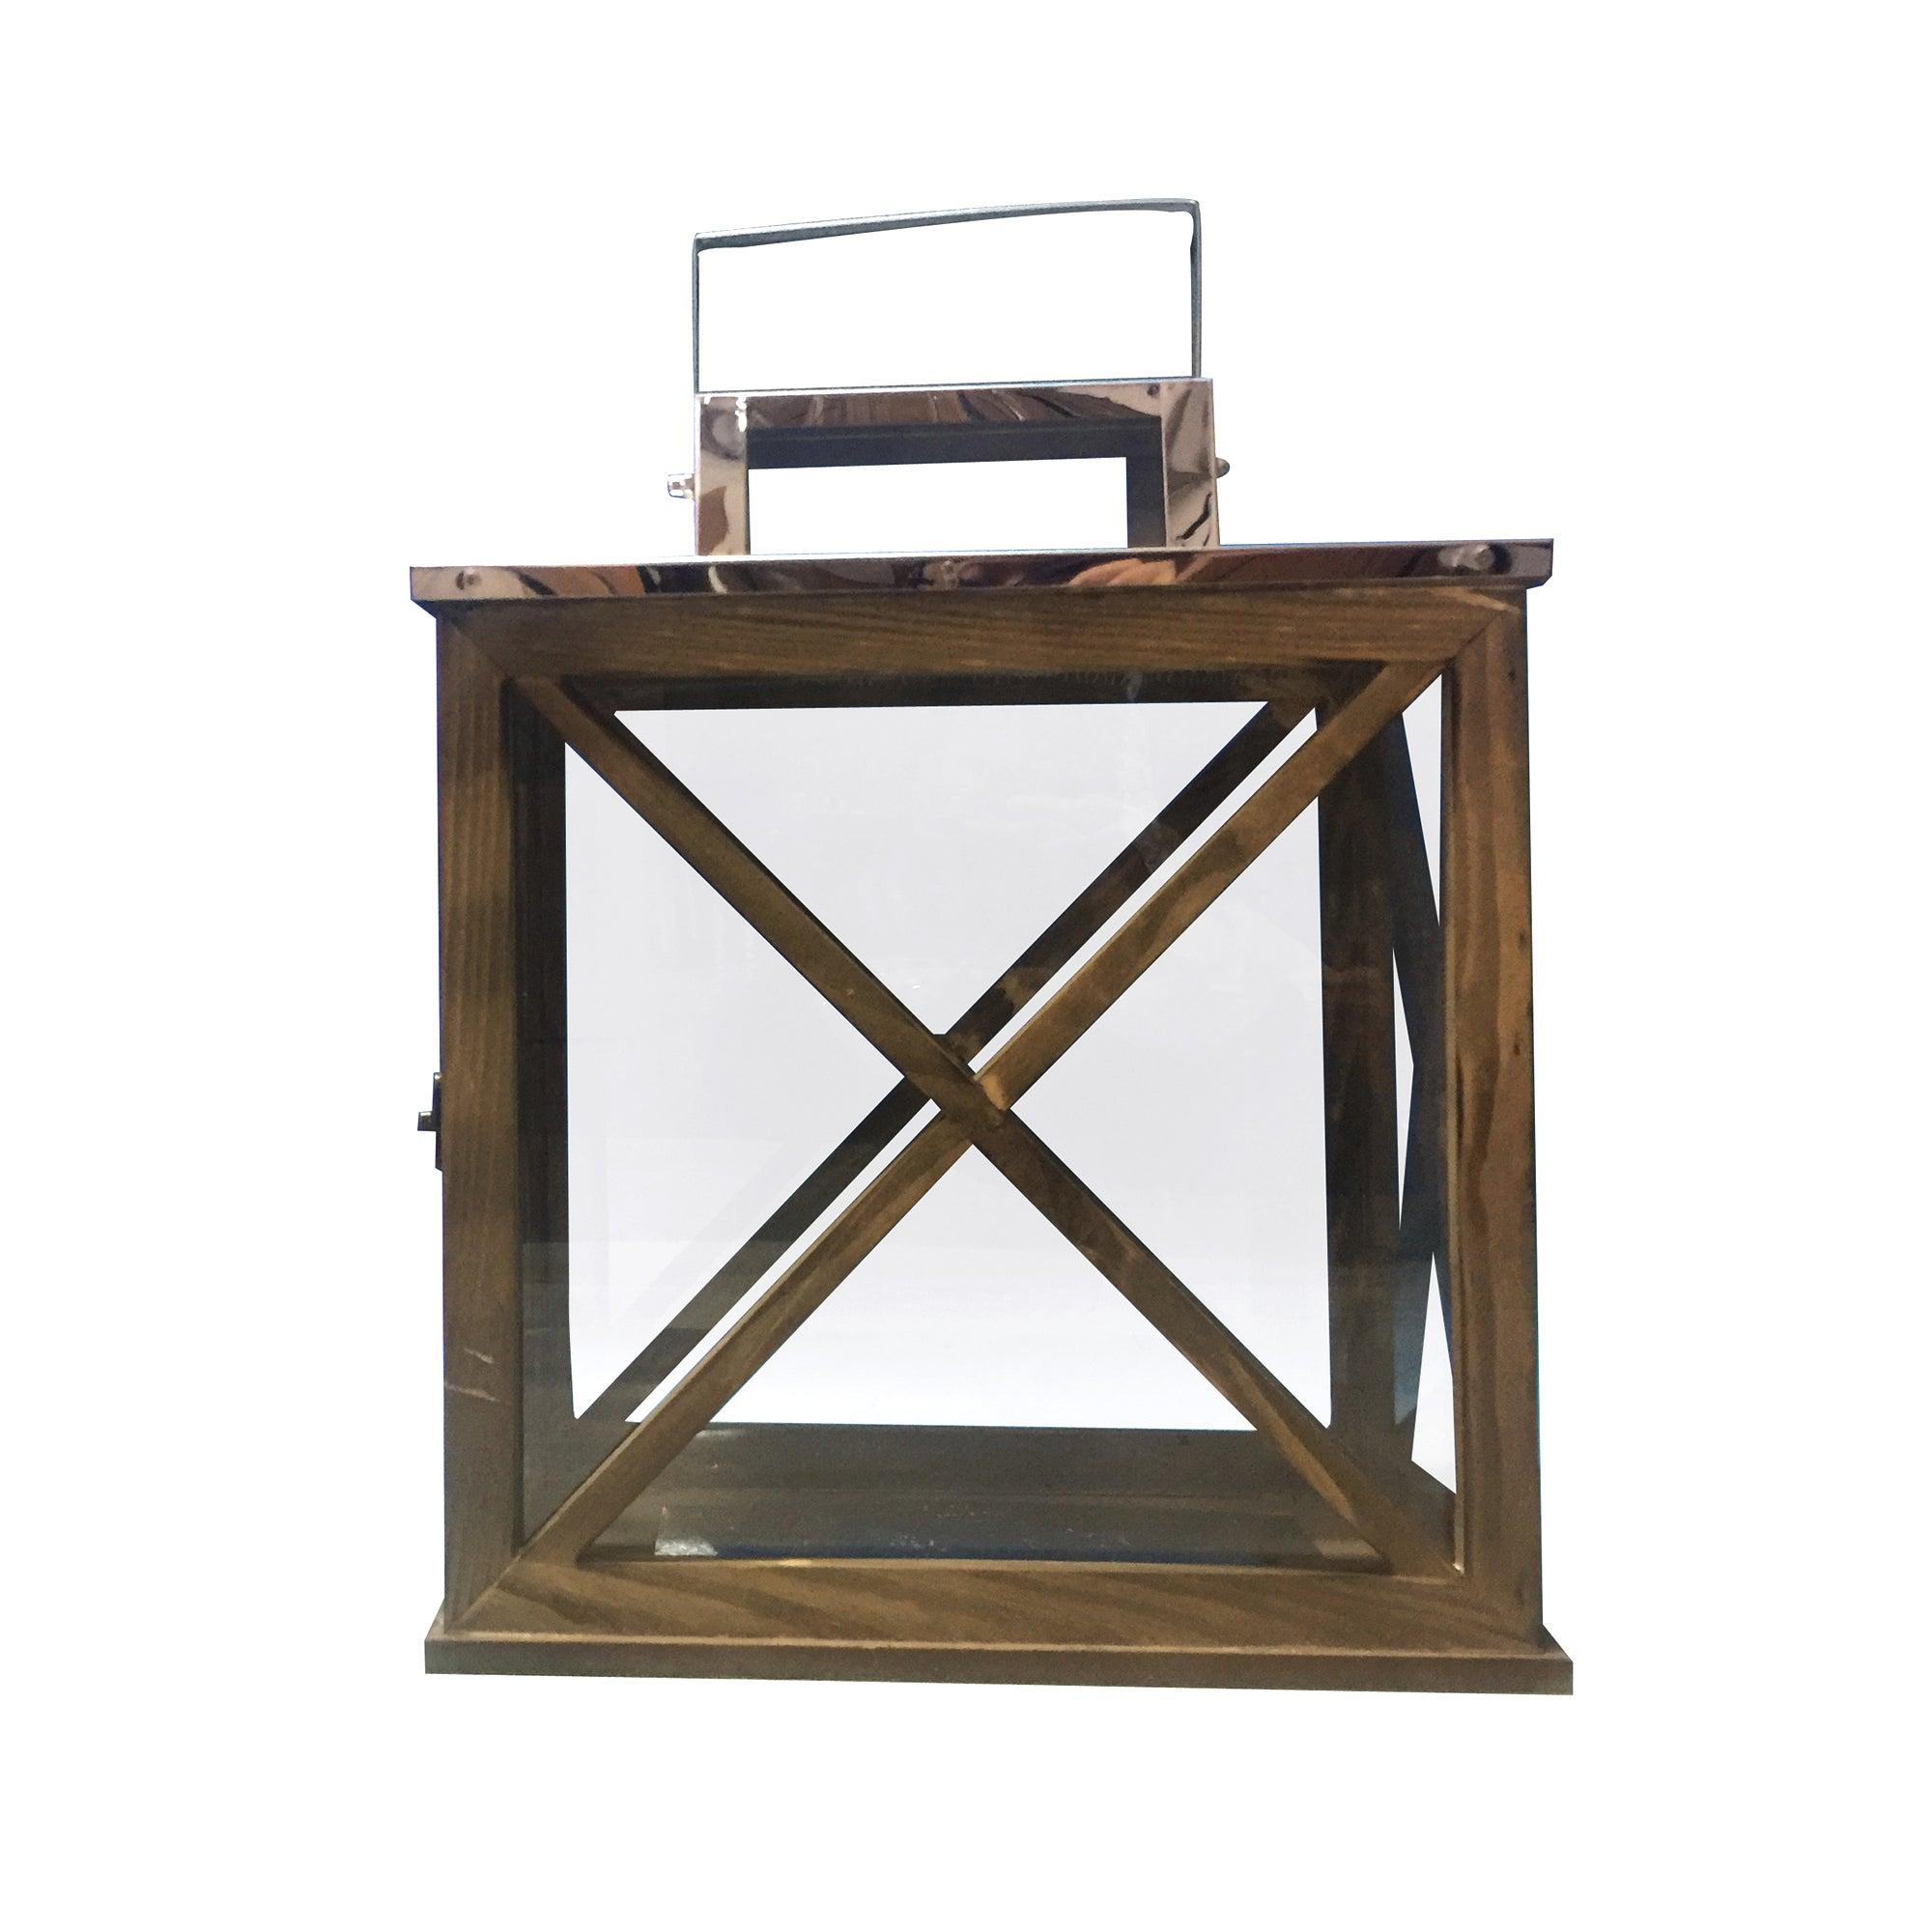 Image of Churchgate Rectangular Wooden Lantern Brown